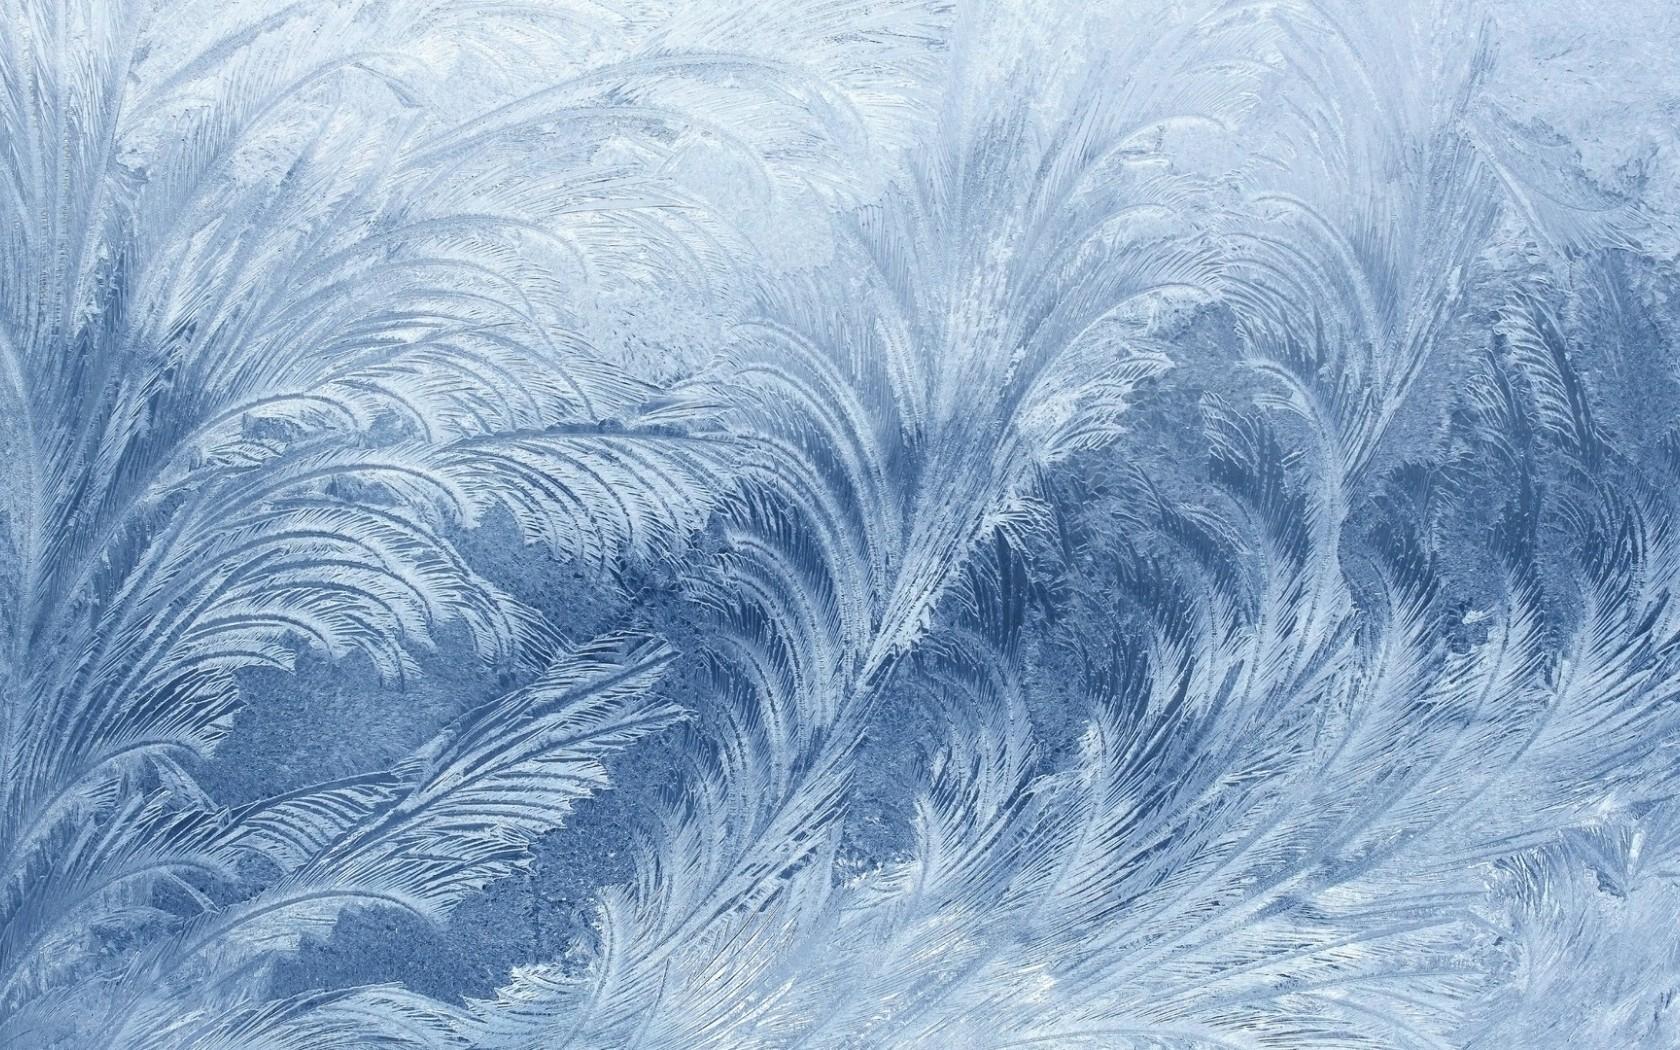 fon-oboi-makro-zima-led-uzor